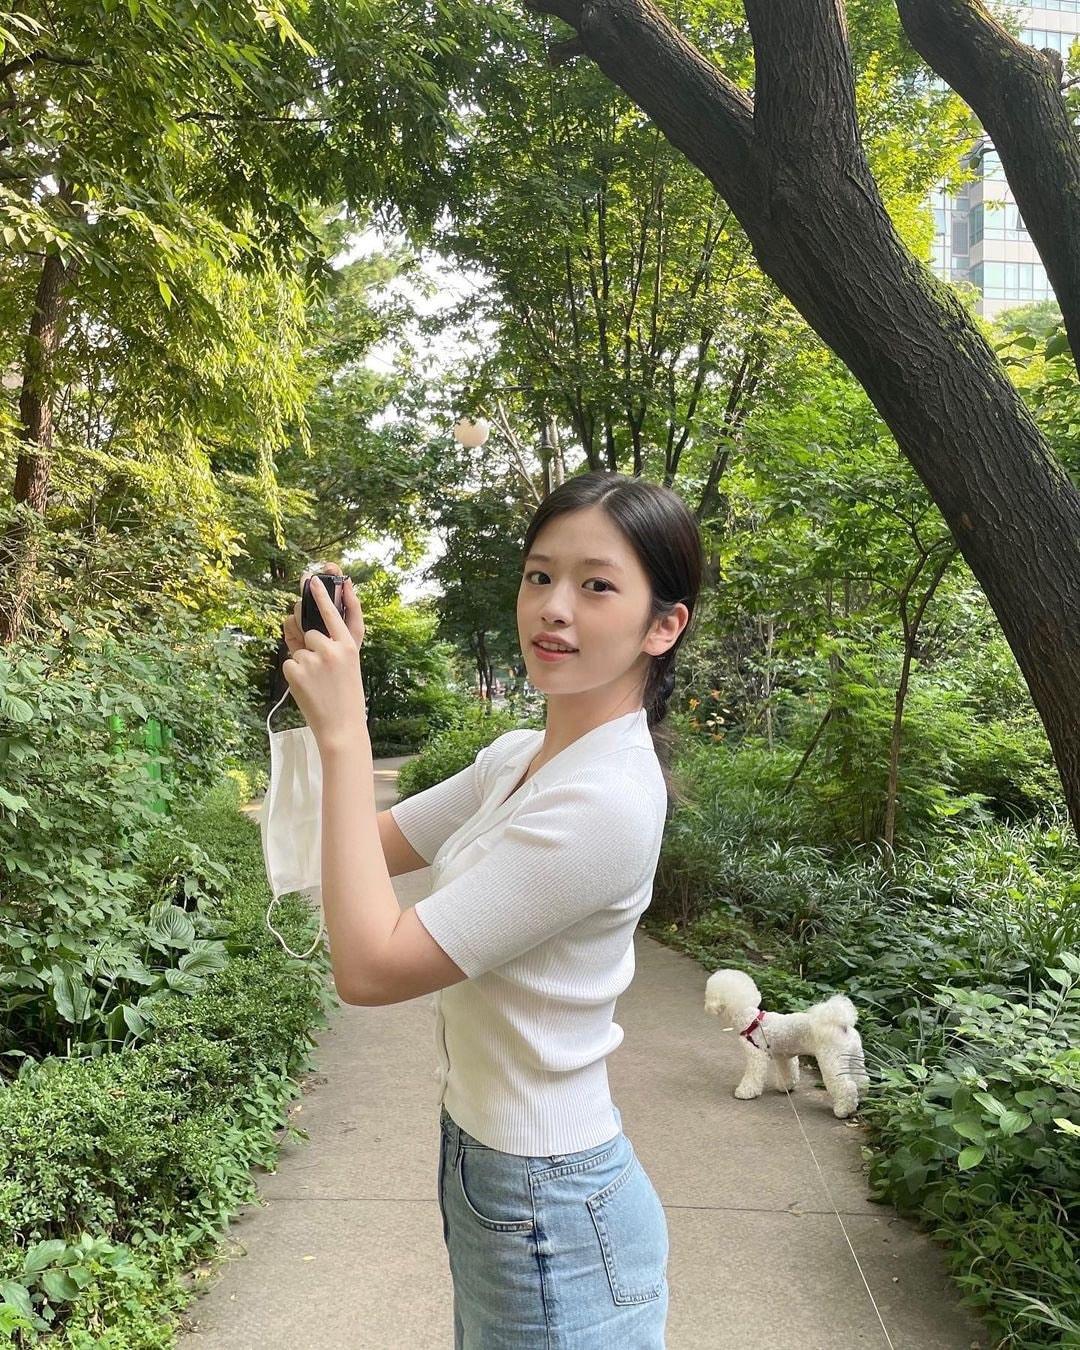 Jang Won Young bị chê nhan sắc trong loạt ảnh mới, thu xa đối thủ Ahn Yu Jin - page 2 - 2